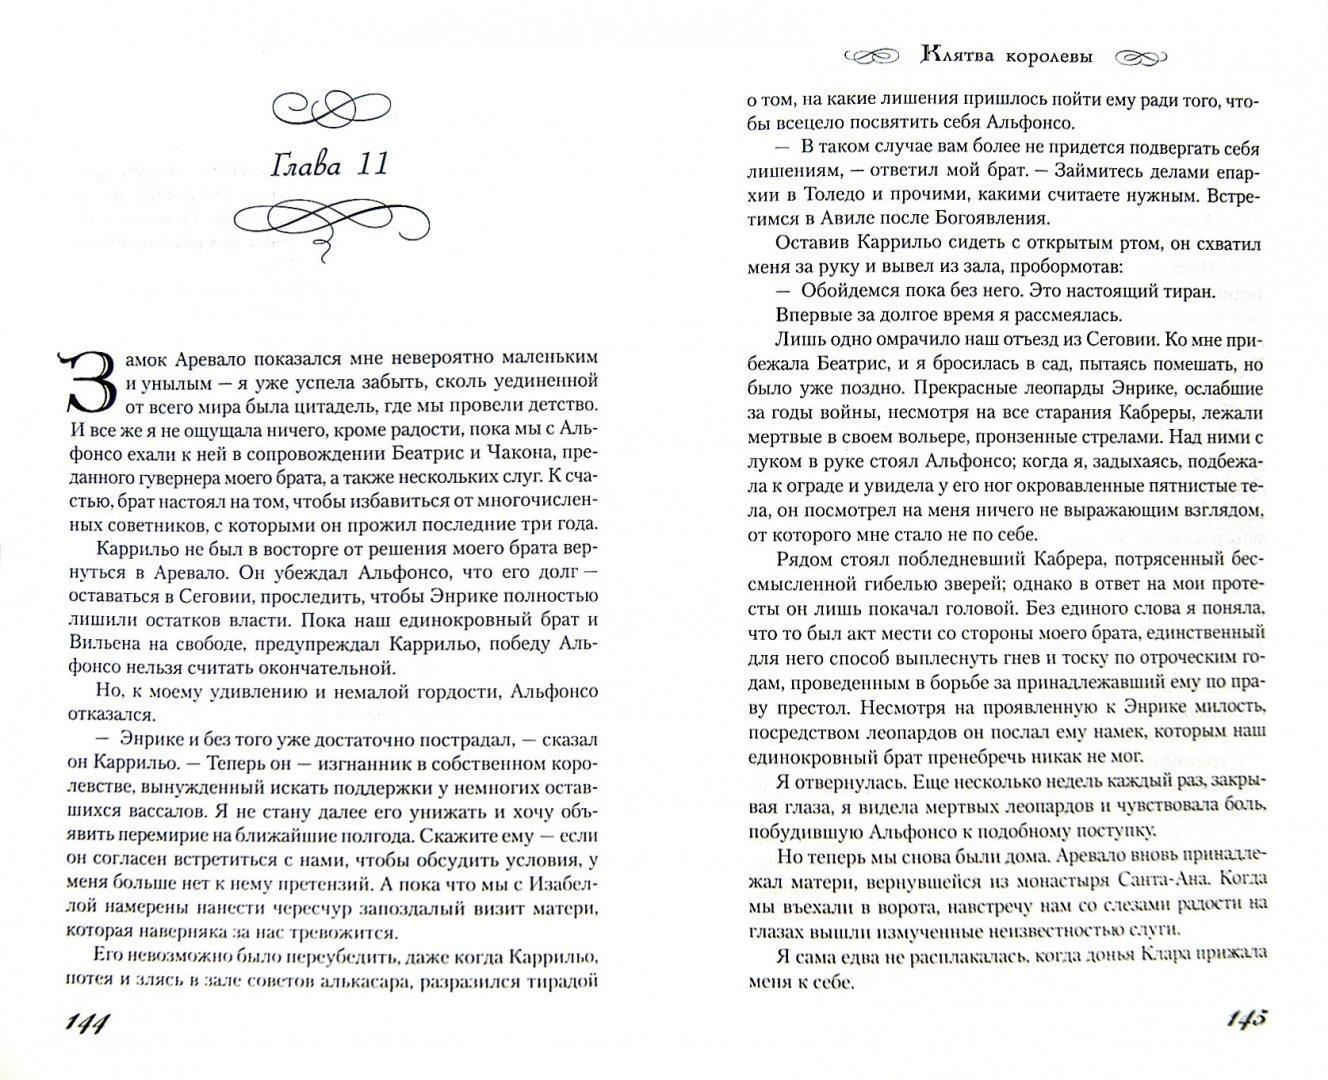 Иллюстрация 1 из 13 для Клятва королевы - К. Гортнер | Лабиринт - книги. Источник: Лабиринт